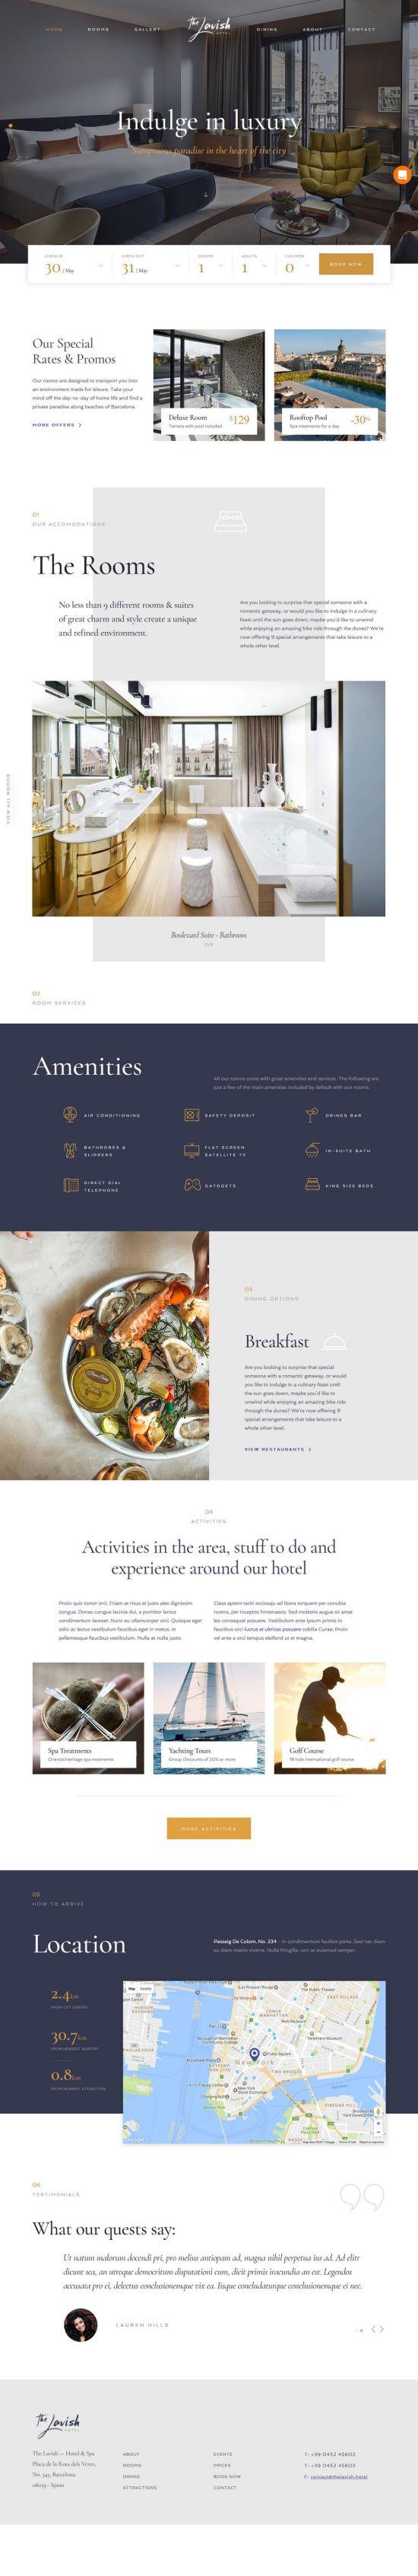 themefuse haven wordpress theme 01 - Haven WordPress Theme